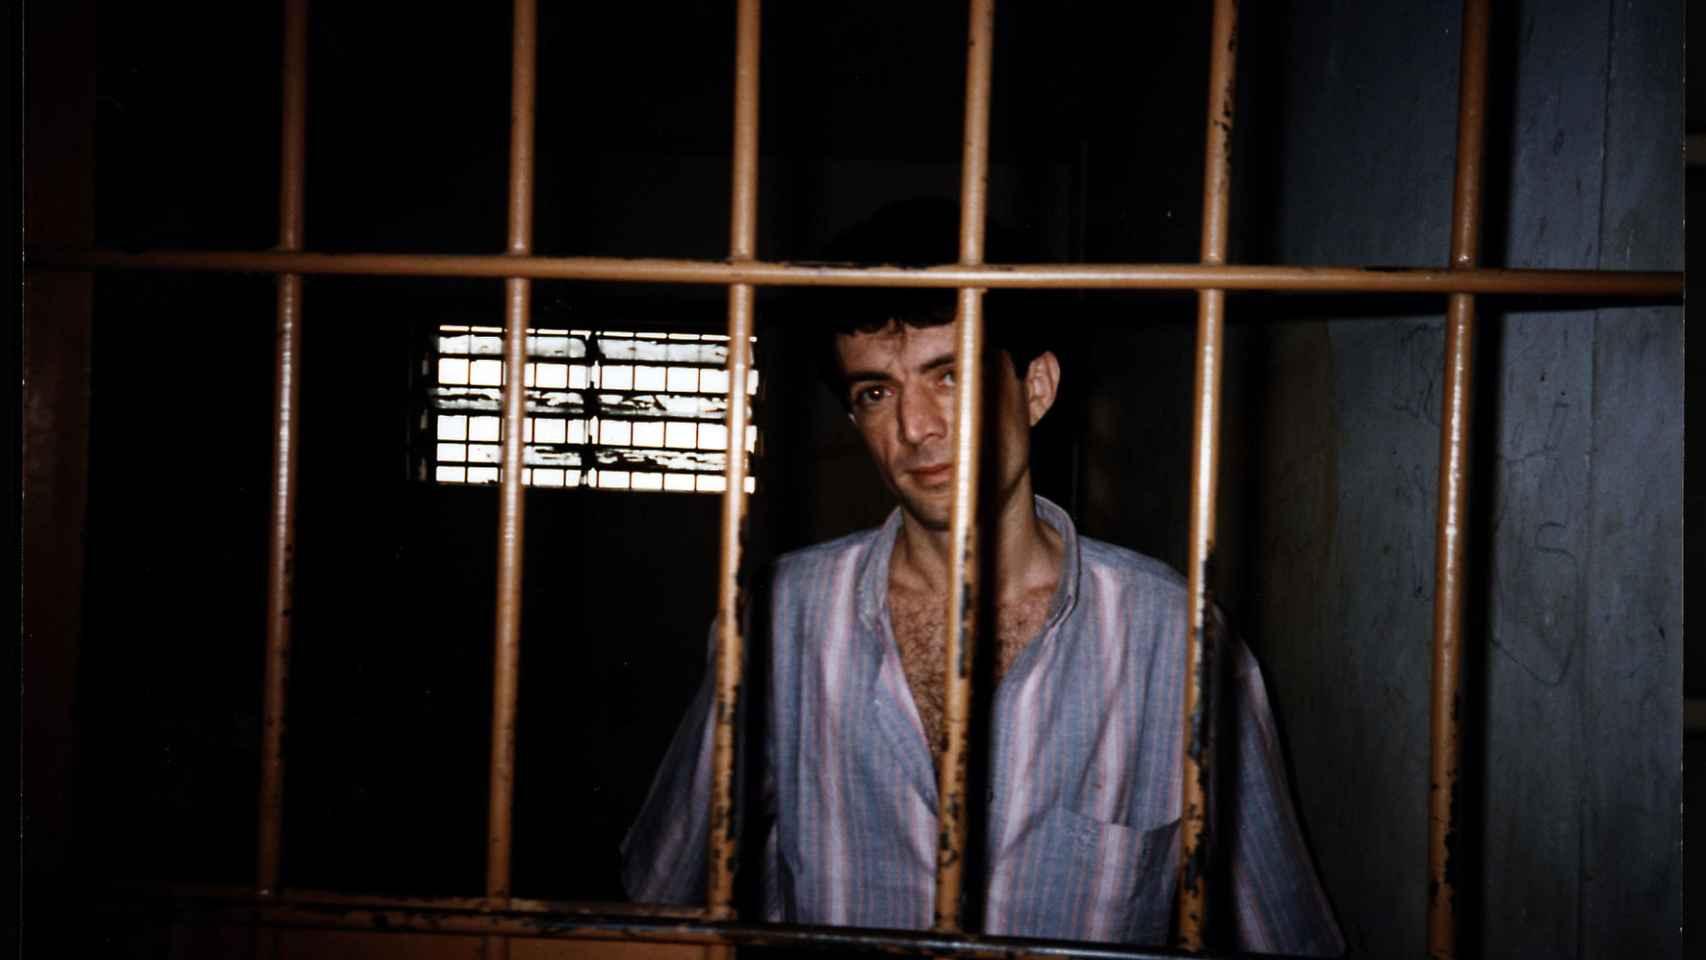 Pompeyo es un narco que reinó en la peor cárcel de Bolivia.